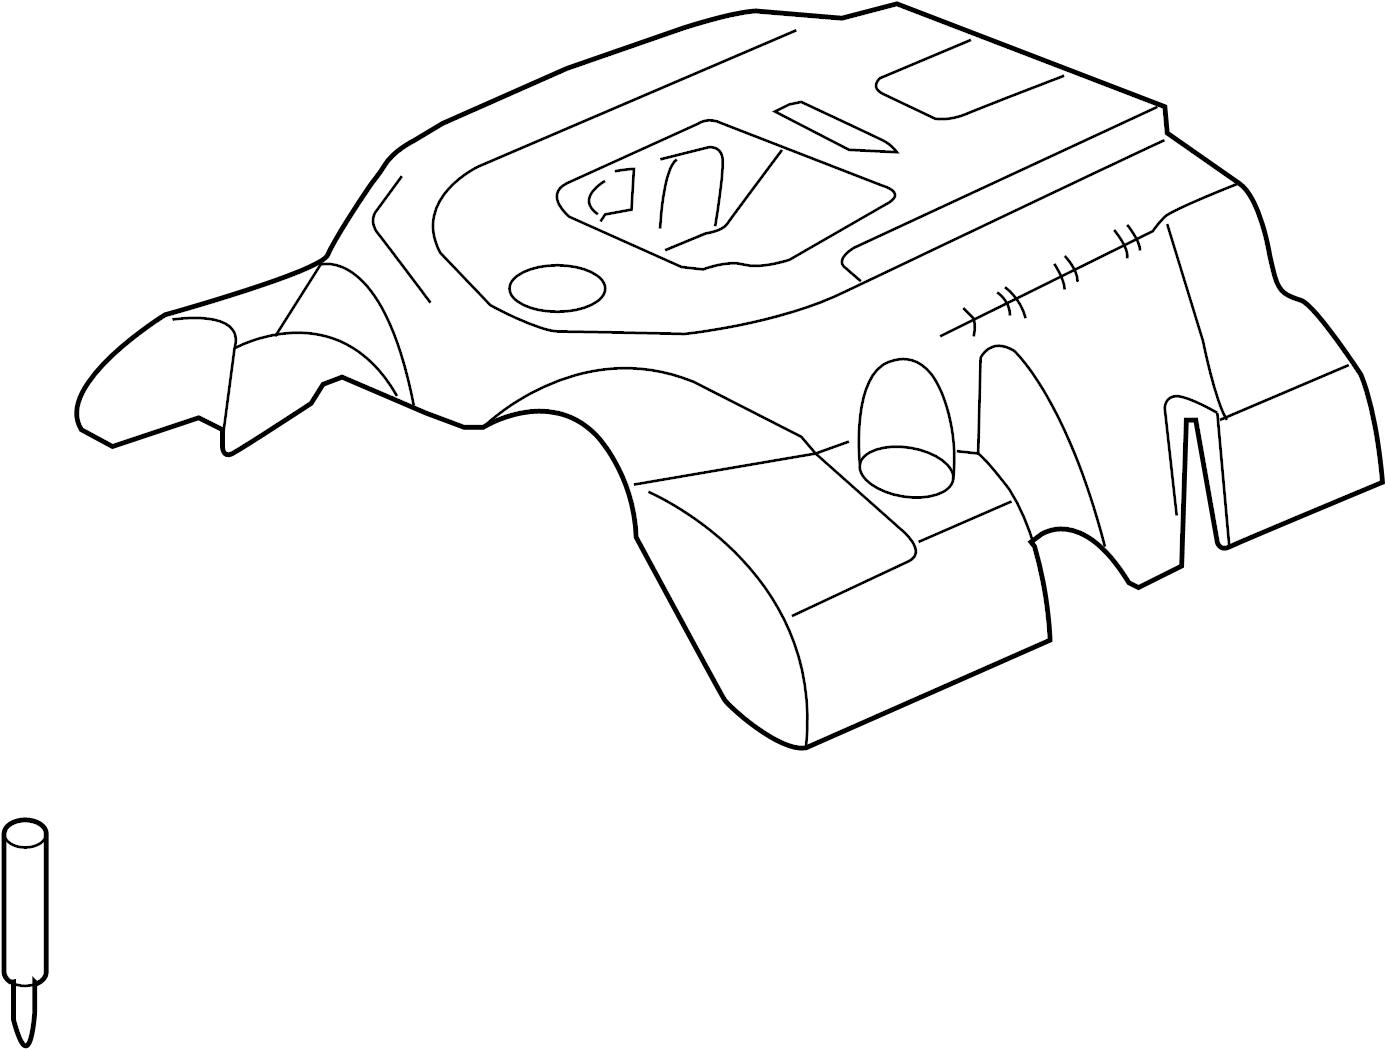 Cadillac Xlr Engine Cover Upper 4 4 Liter